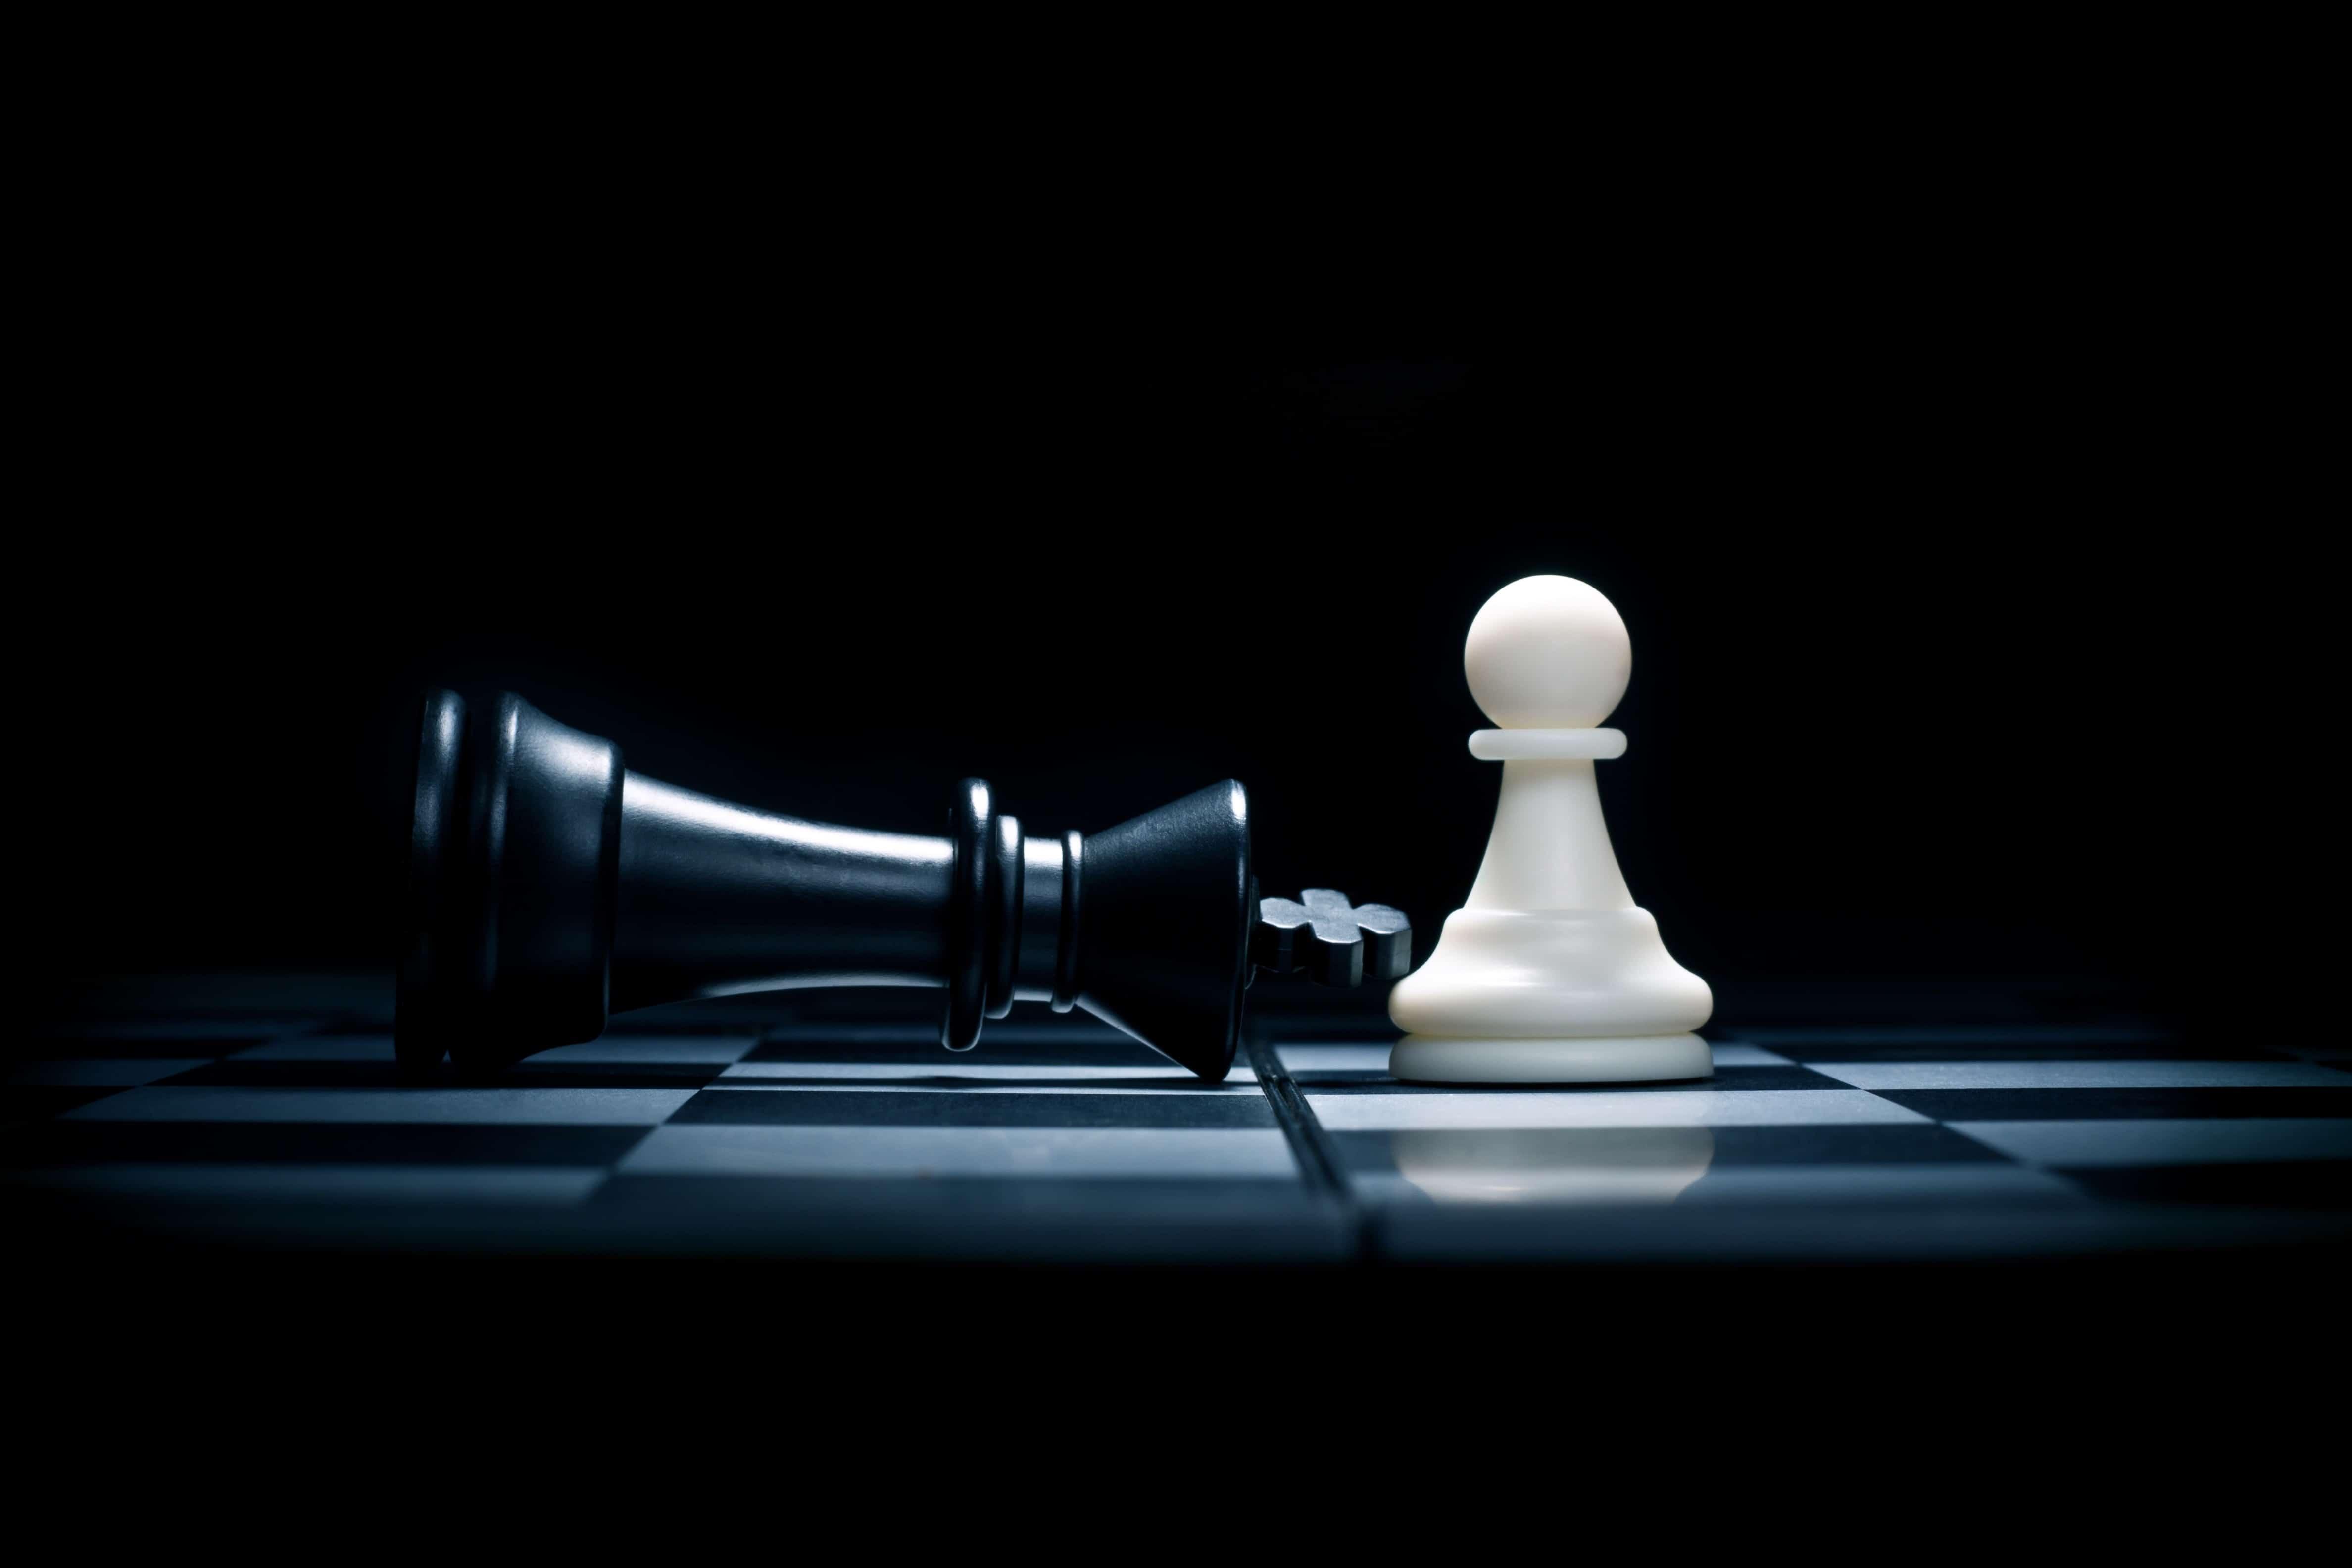 juegoestrategia-jaque-mate1